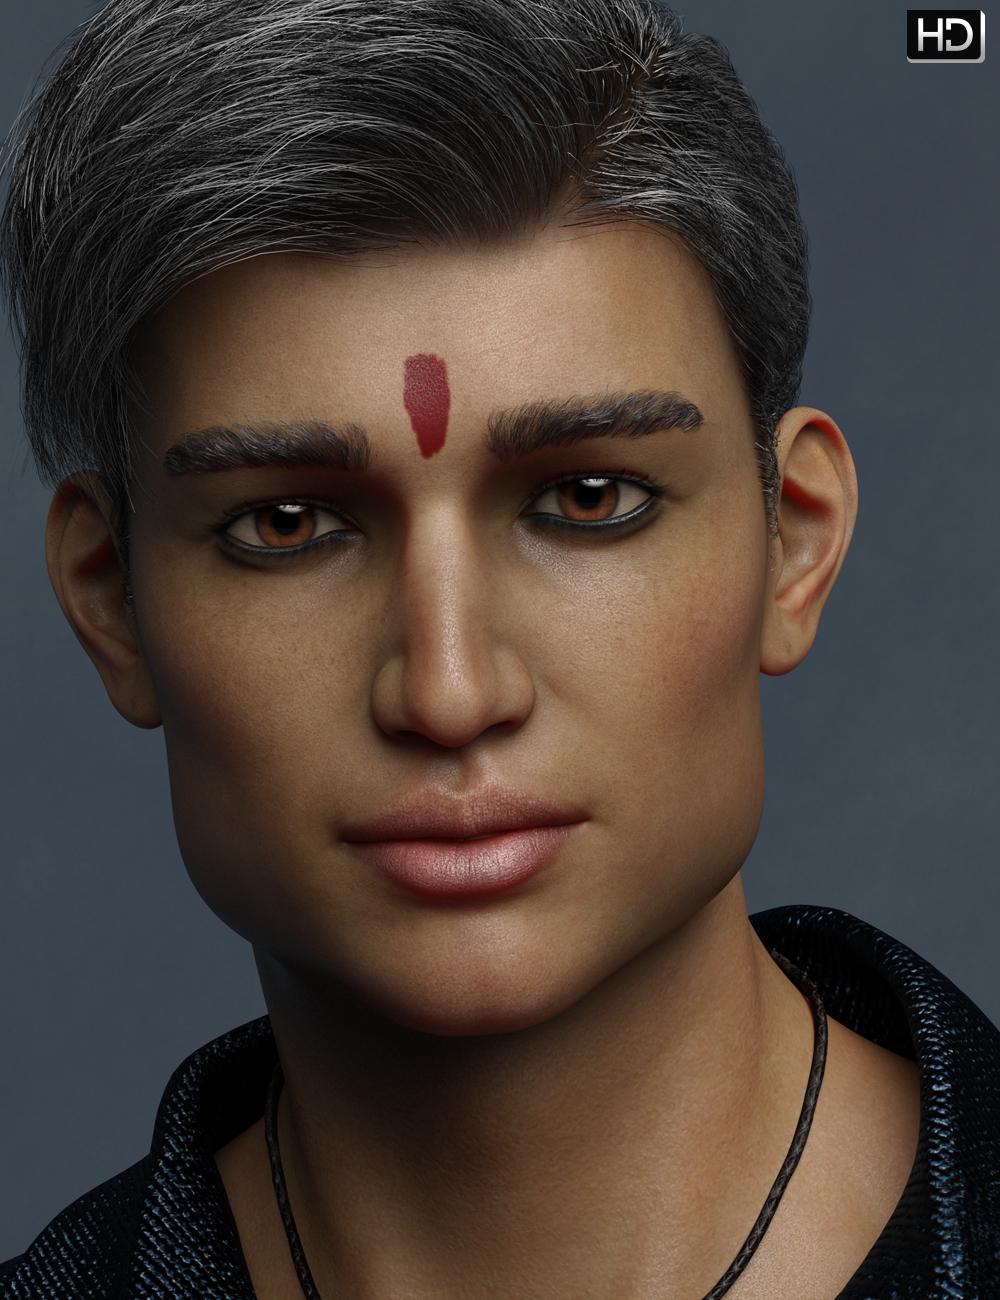 Devansh HD for Sanjay 8 by: Emrys, 3D Models by Daz 3D